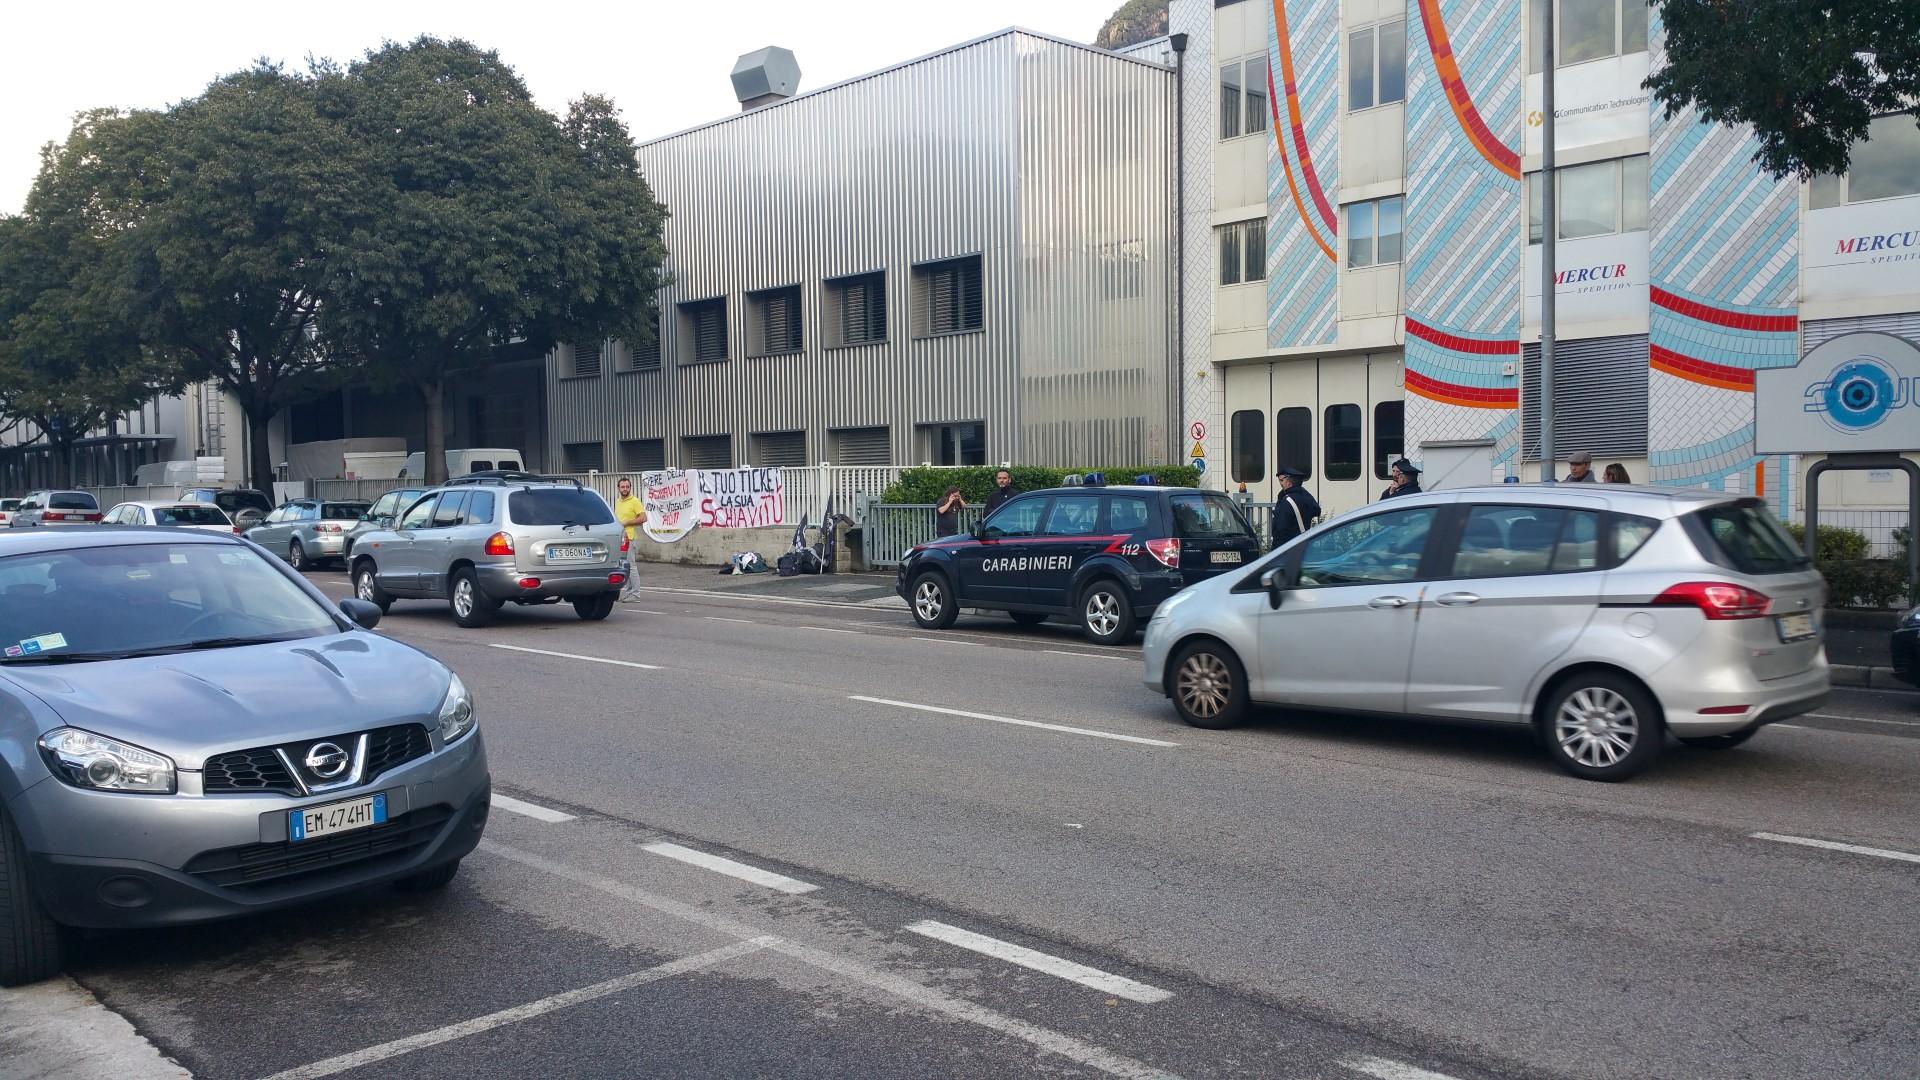 20161015 160618 - Fronte animalista Bolzano - Manifestazione Porte aperte 10 anni della casa della zootecnia